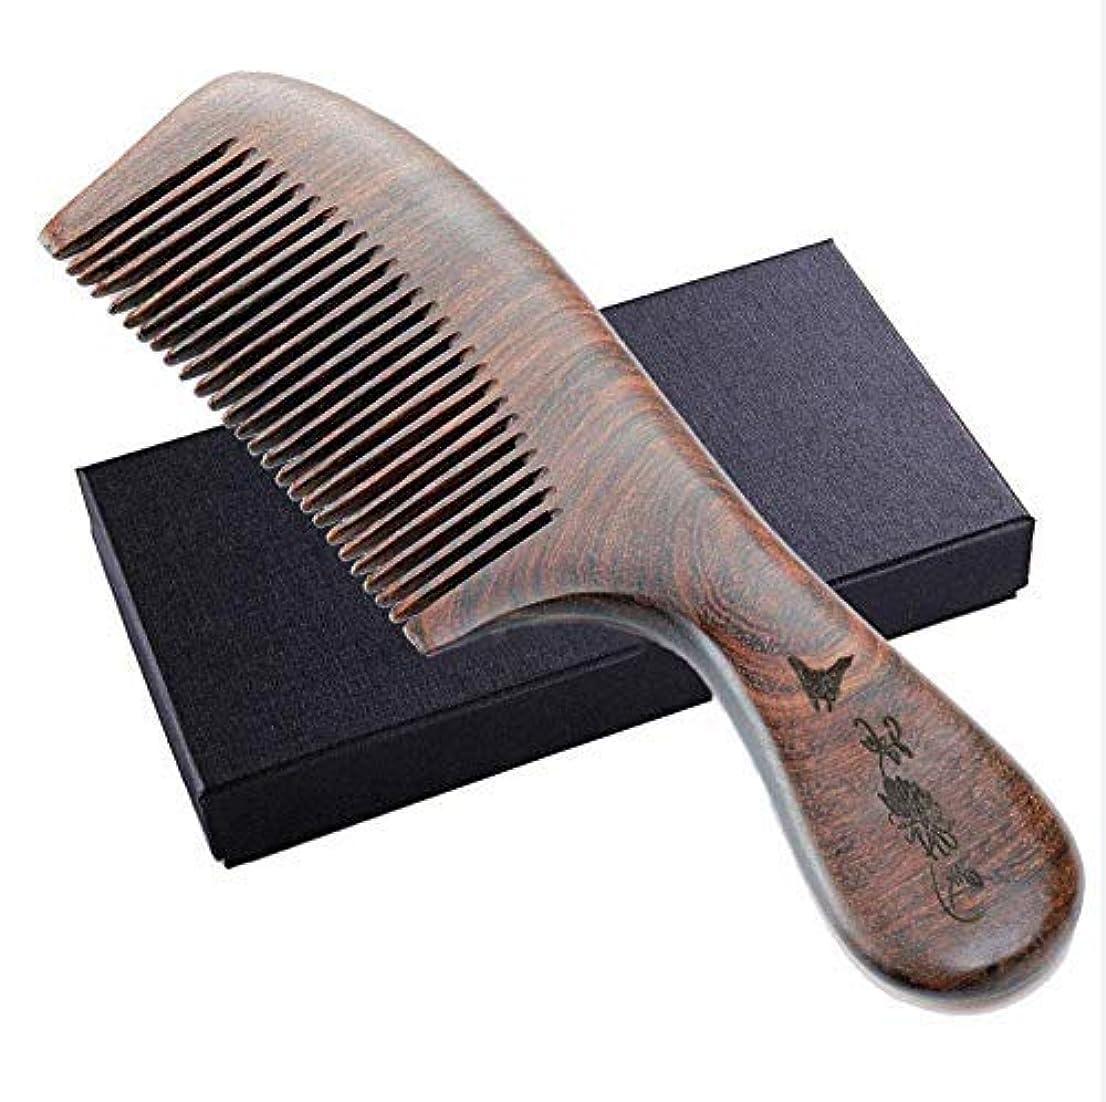 静脈すぐにボランティアWooden Hair Comb, Anti-Static, Detangling Fine Tooth Shower Comb,No Static Natural Wooden Sandalwood Comb for...